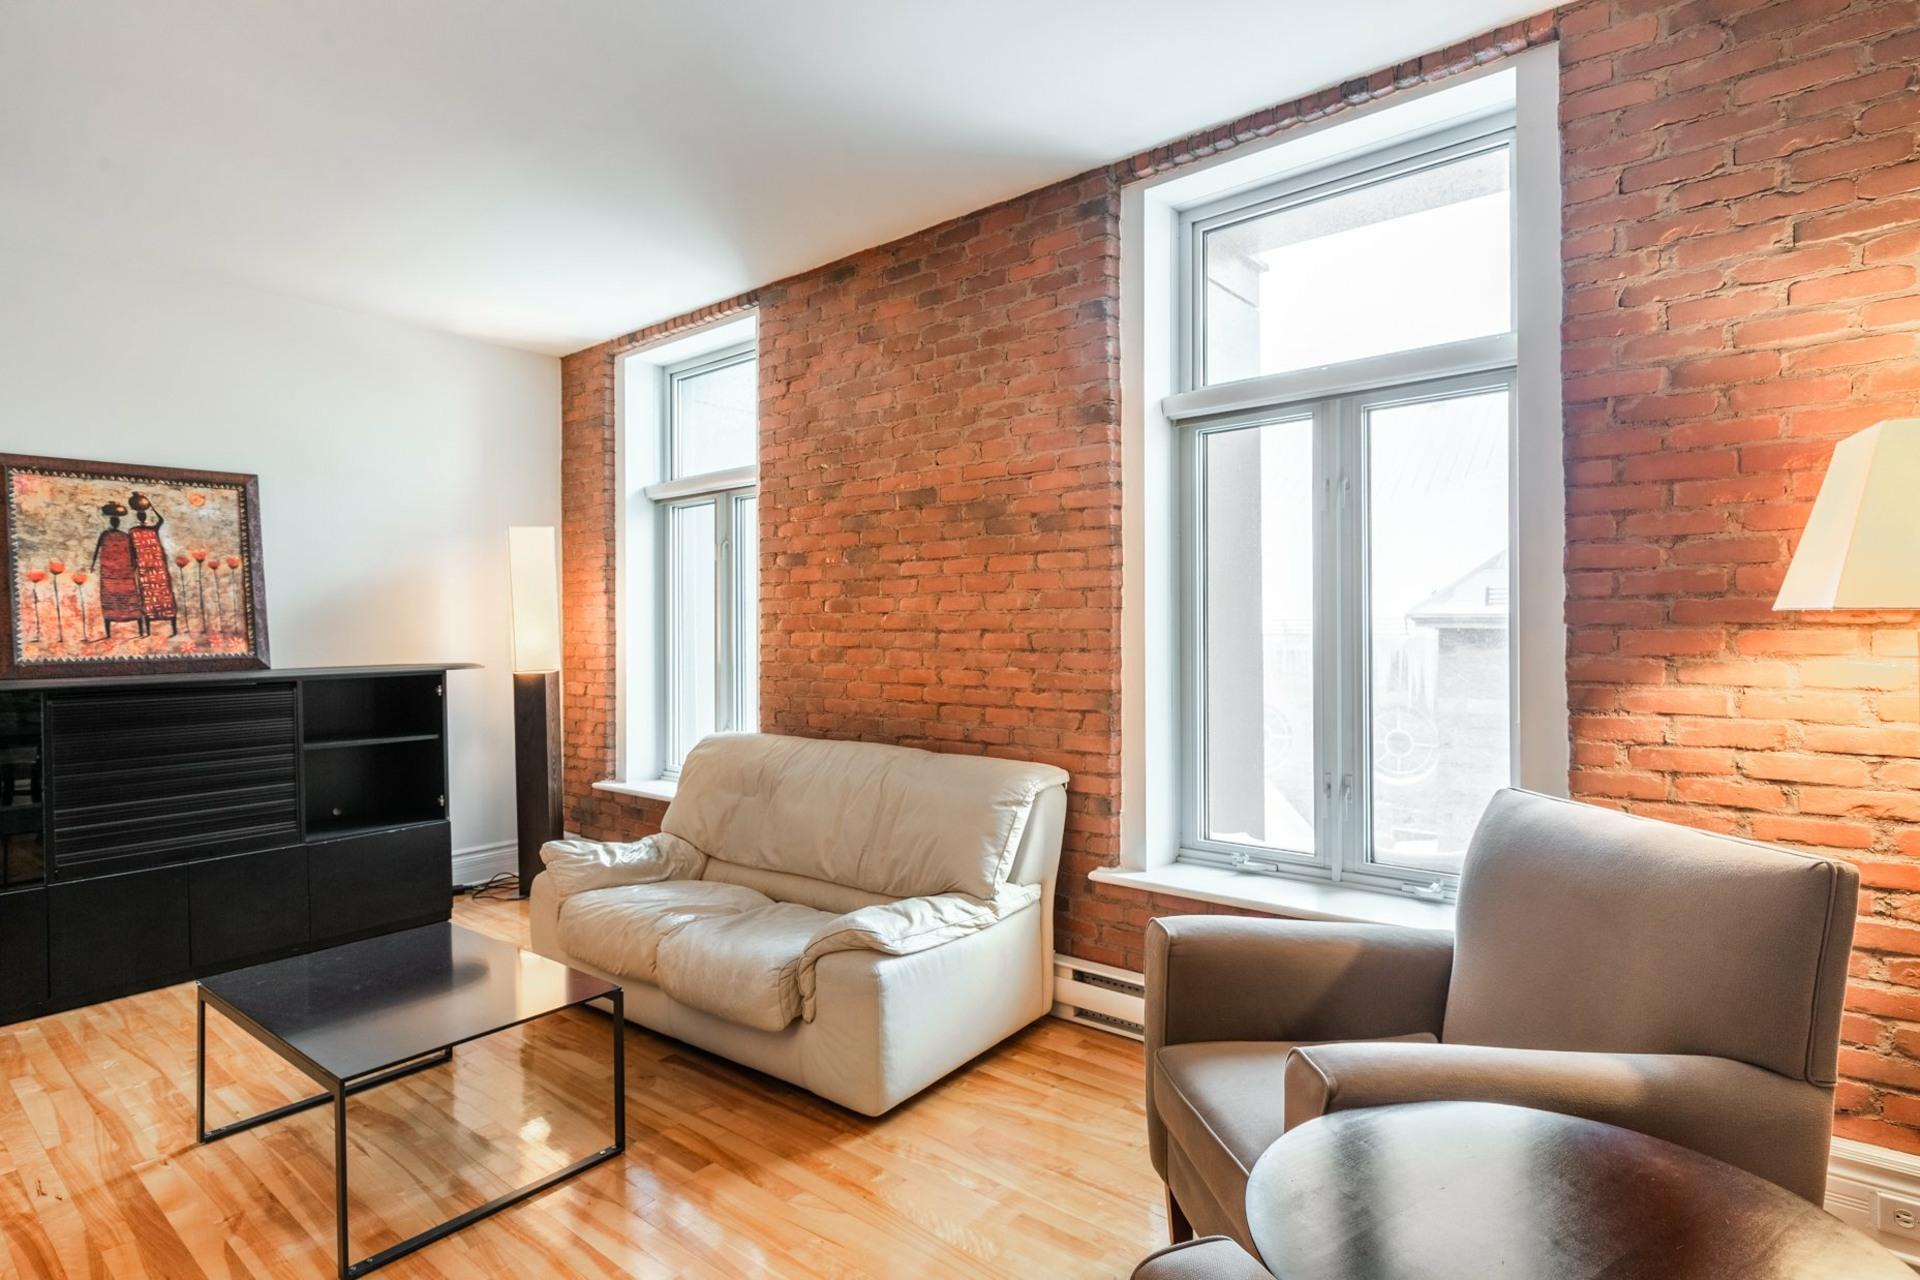 image 2 - Appartement À louer Le Plateau-Mont-Royal Montréal  - 5 pièces